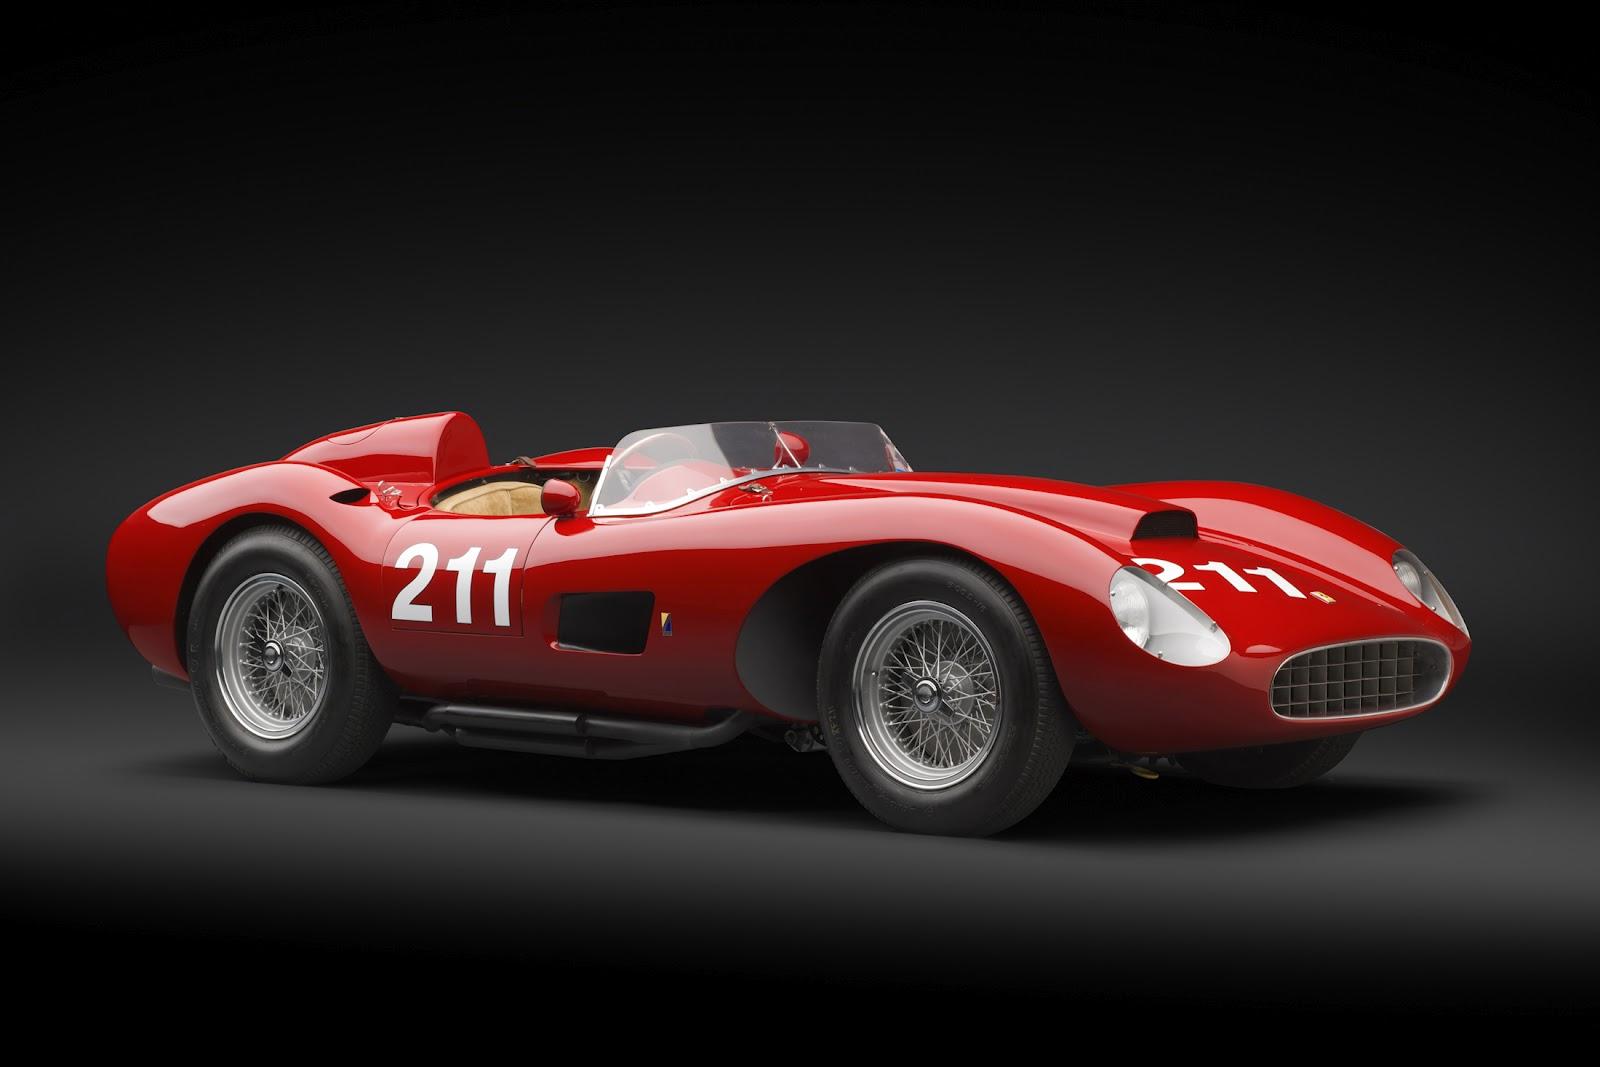 Ferrari 625 Trc Spider 1957 Modern Design By